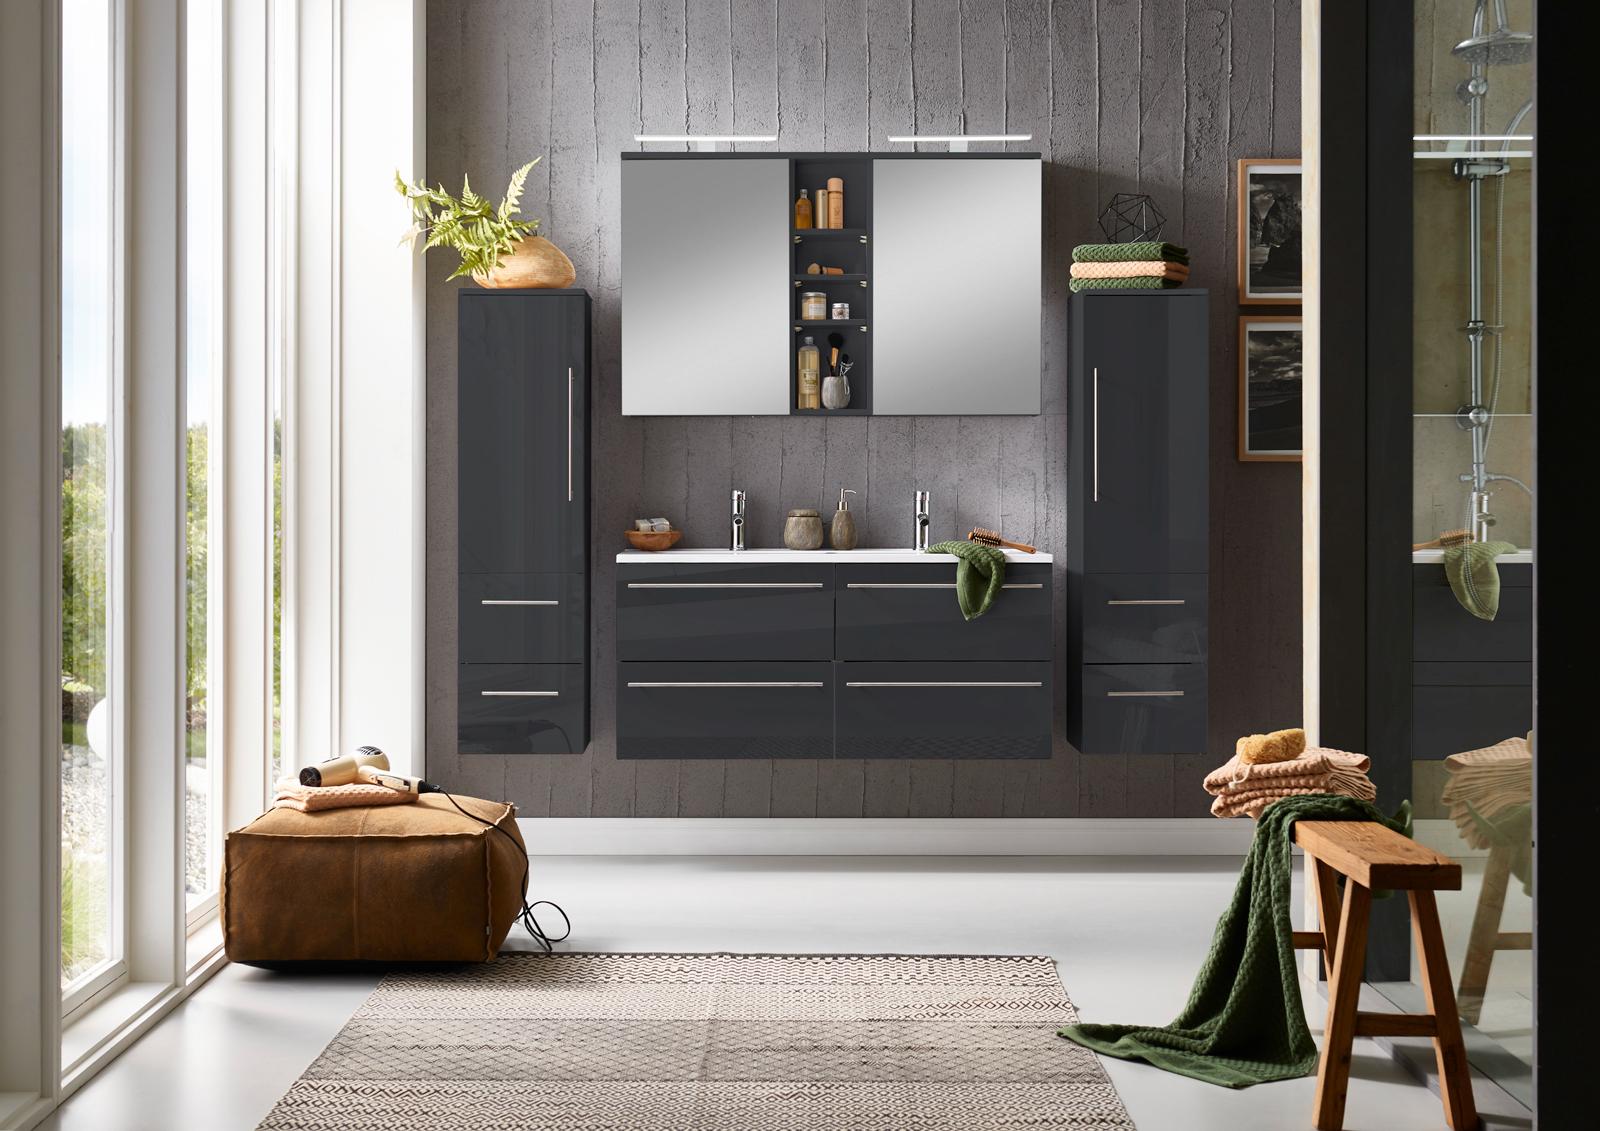 badmobel schwarz, sam® badmöbel set 4tlg doppelwaschtisch 120cm hochglanz schwarz, Design ideen